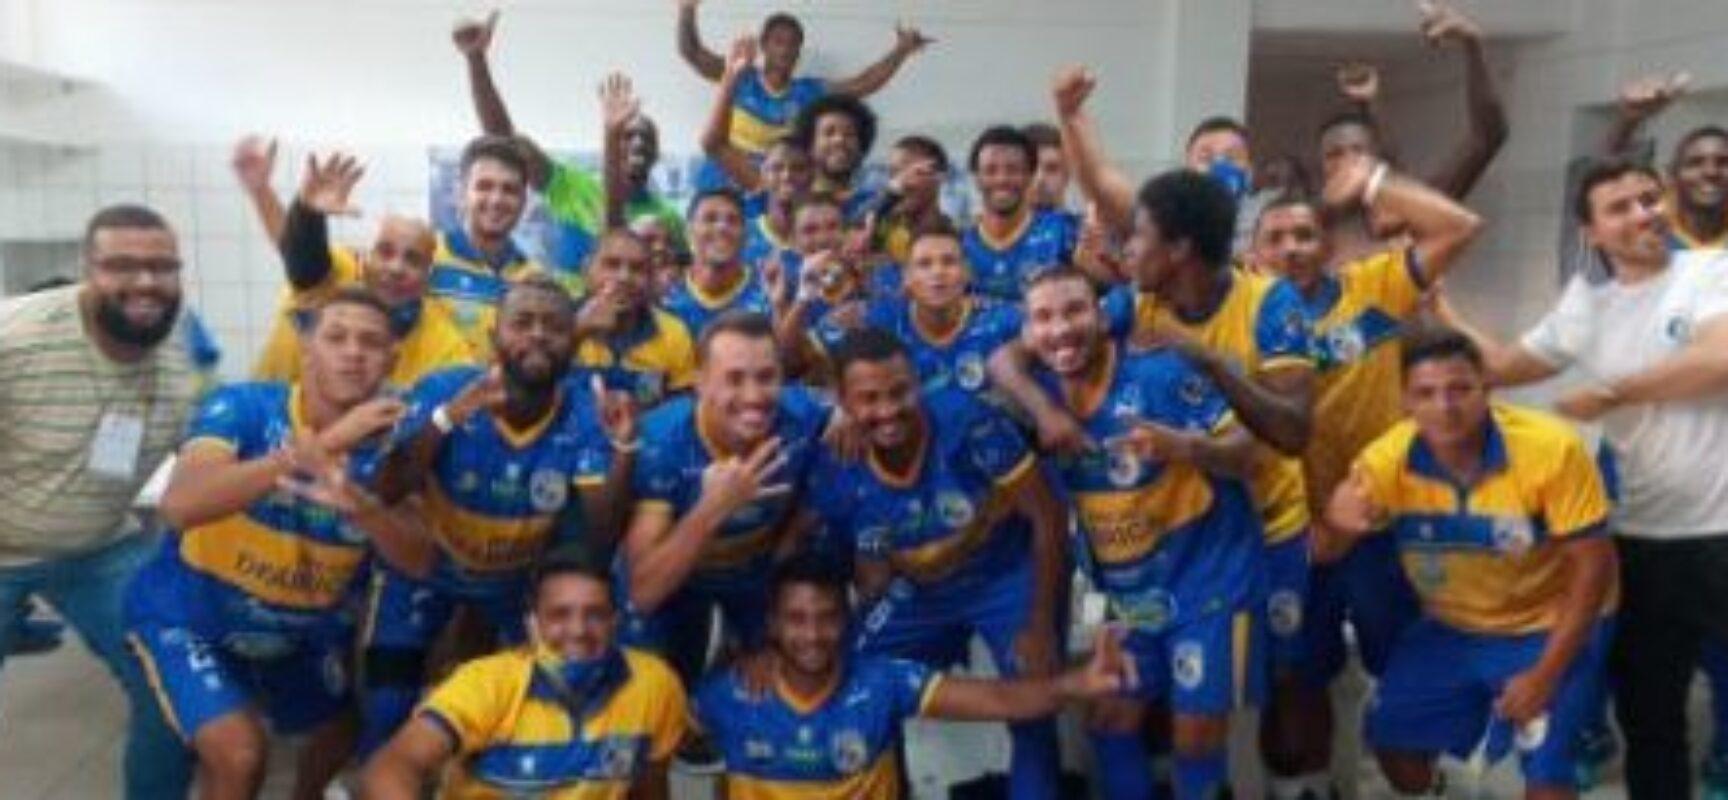 Ilhéus: Colo-Colo estreia com vitória na série B do baiano